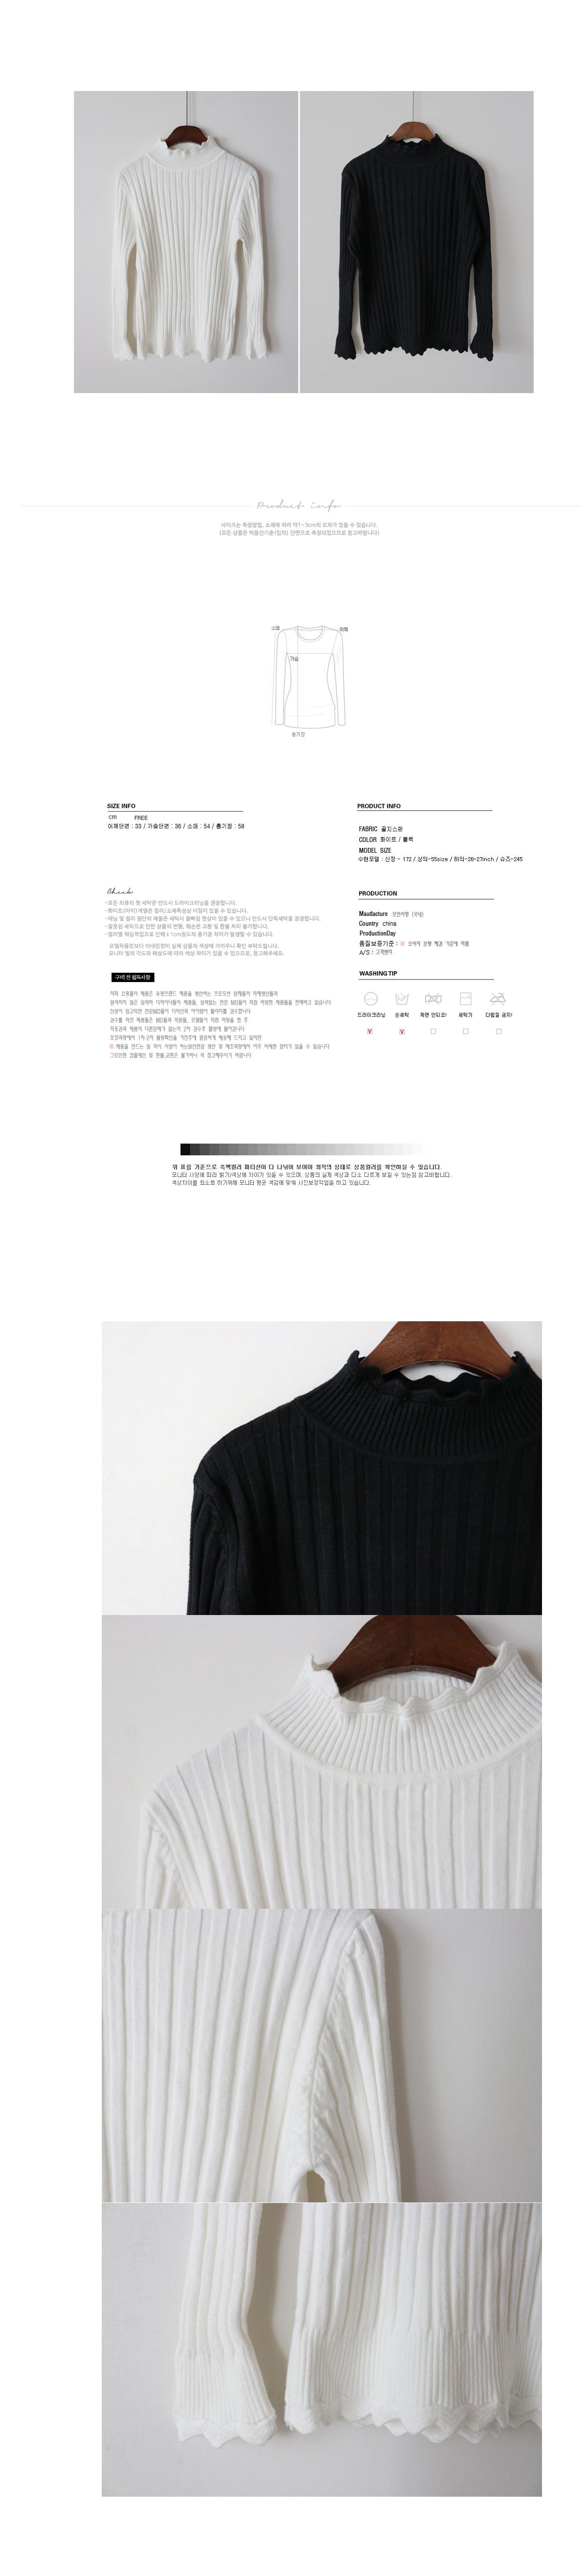 2018113001-d_shop1_115520.jpg